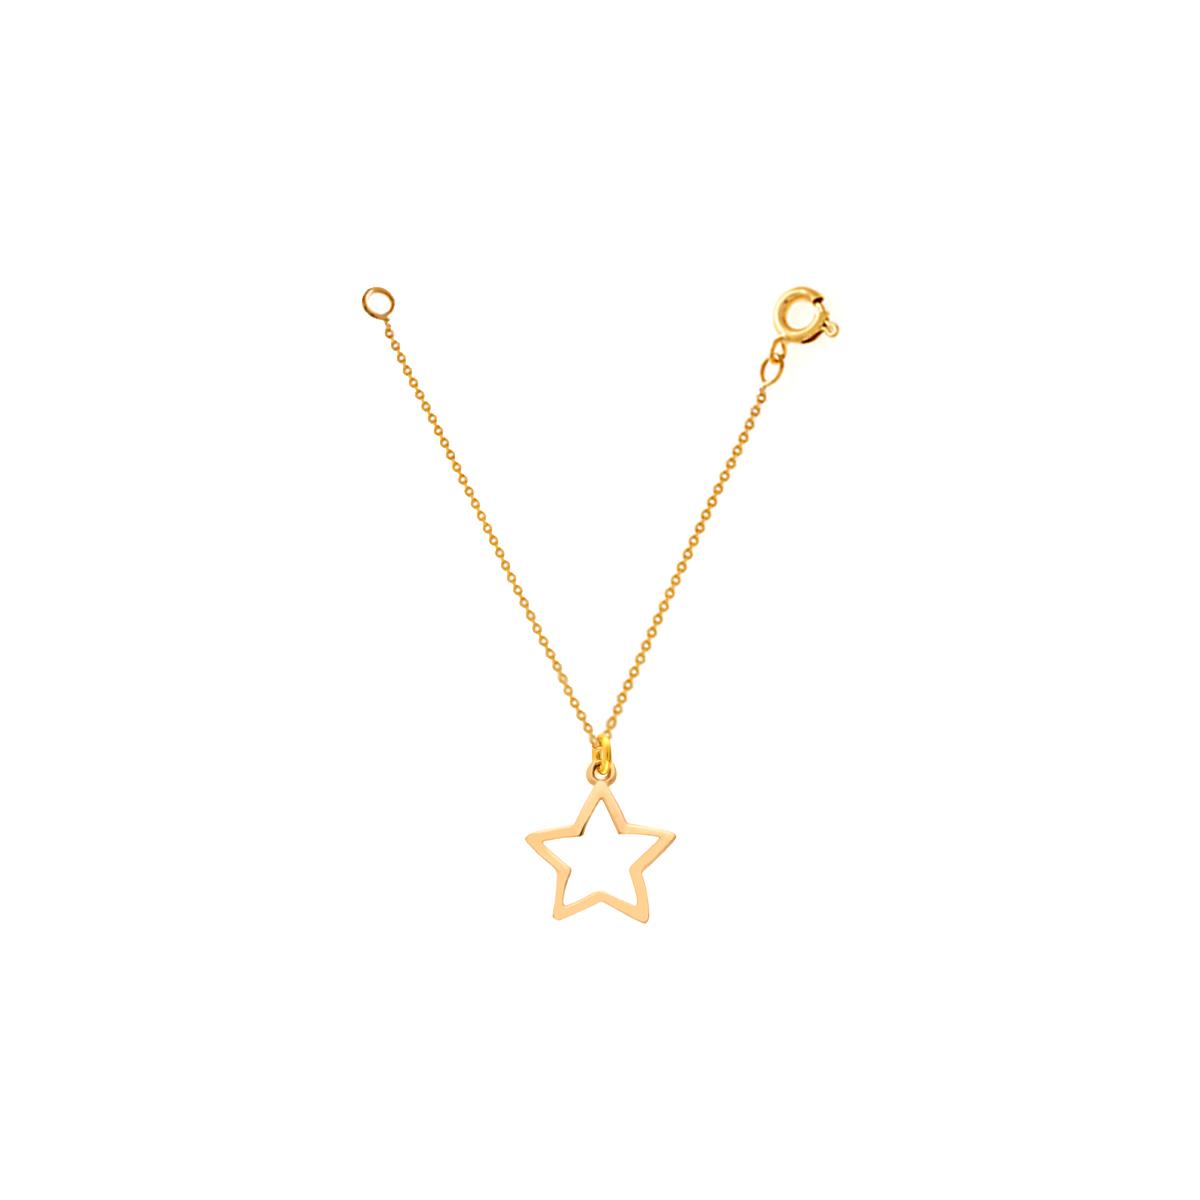 آویز ساعت طلا ستاره توخالی